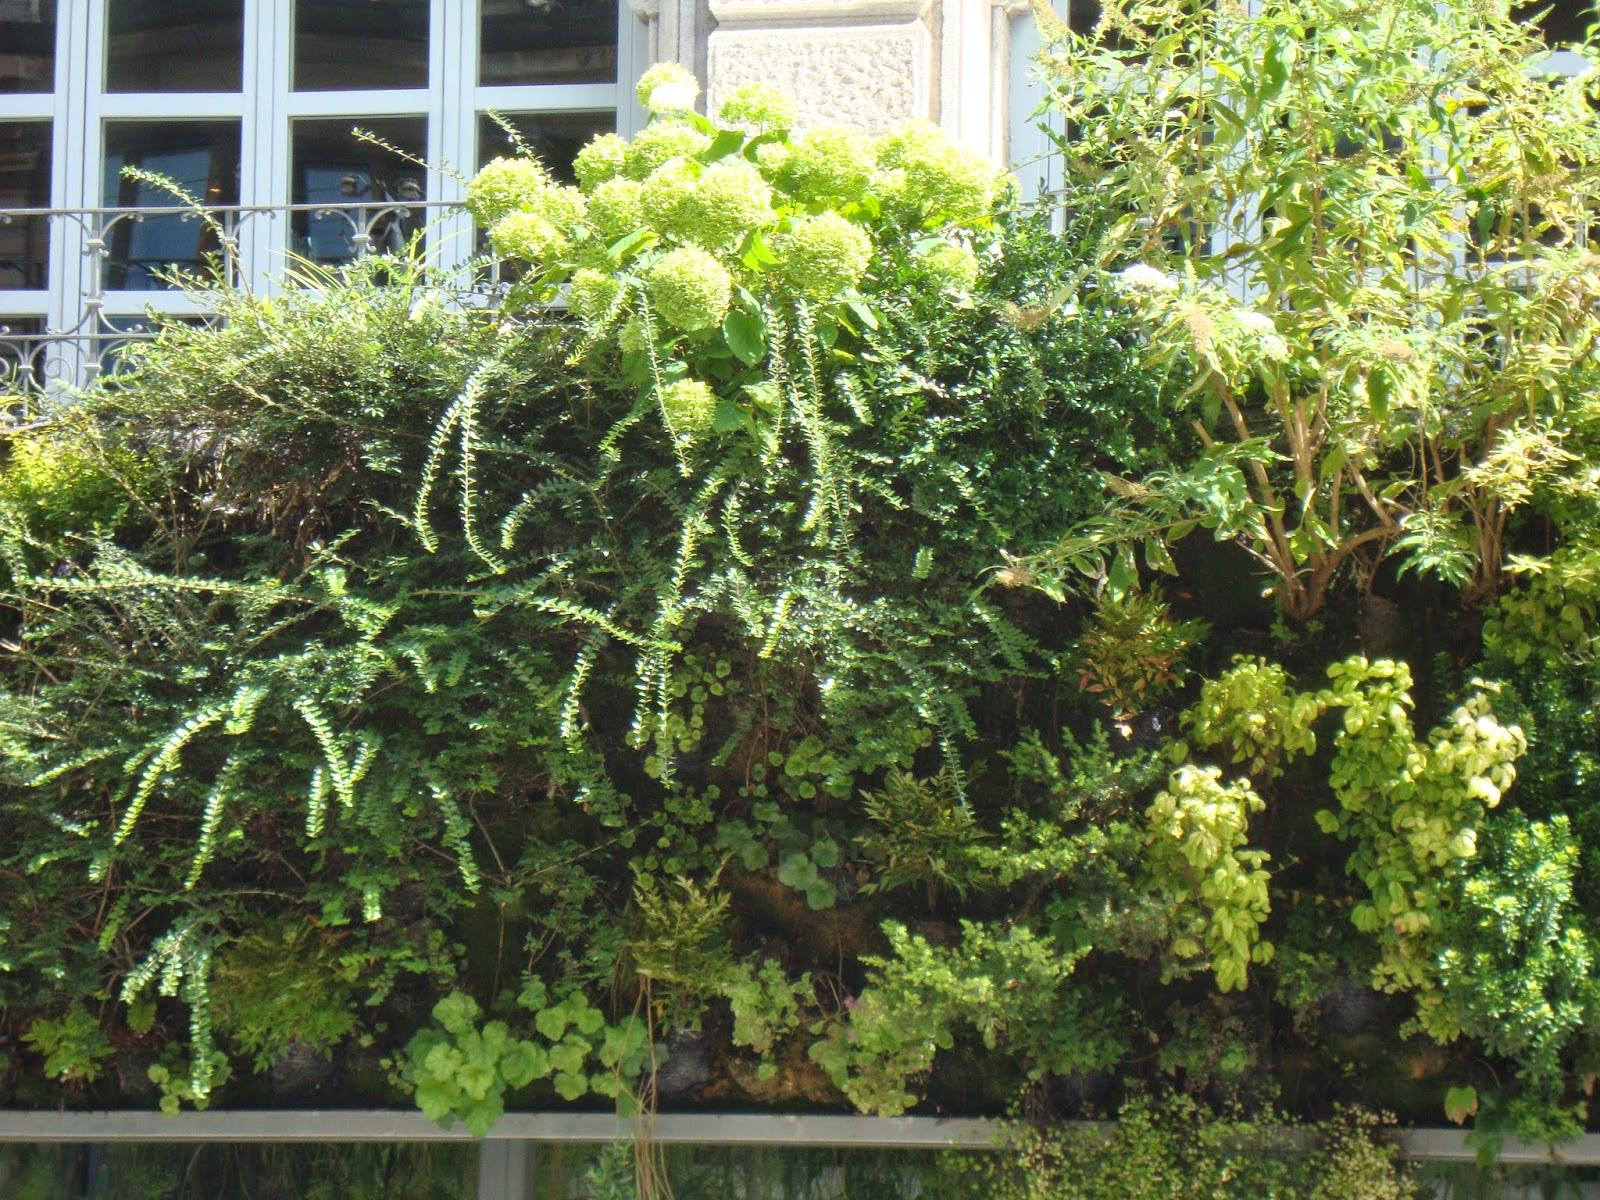 Un piccolo giardino in città: Il giardino verticale di Patrick Blanc a Milano